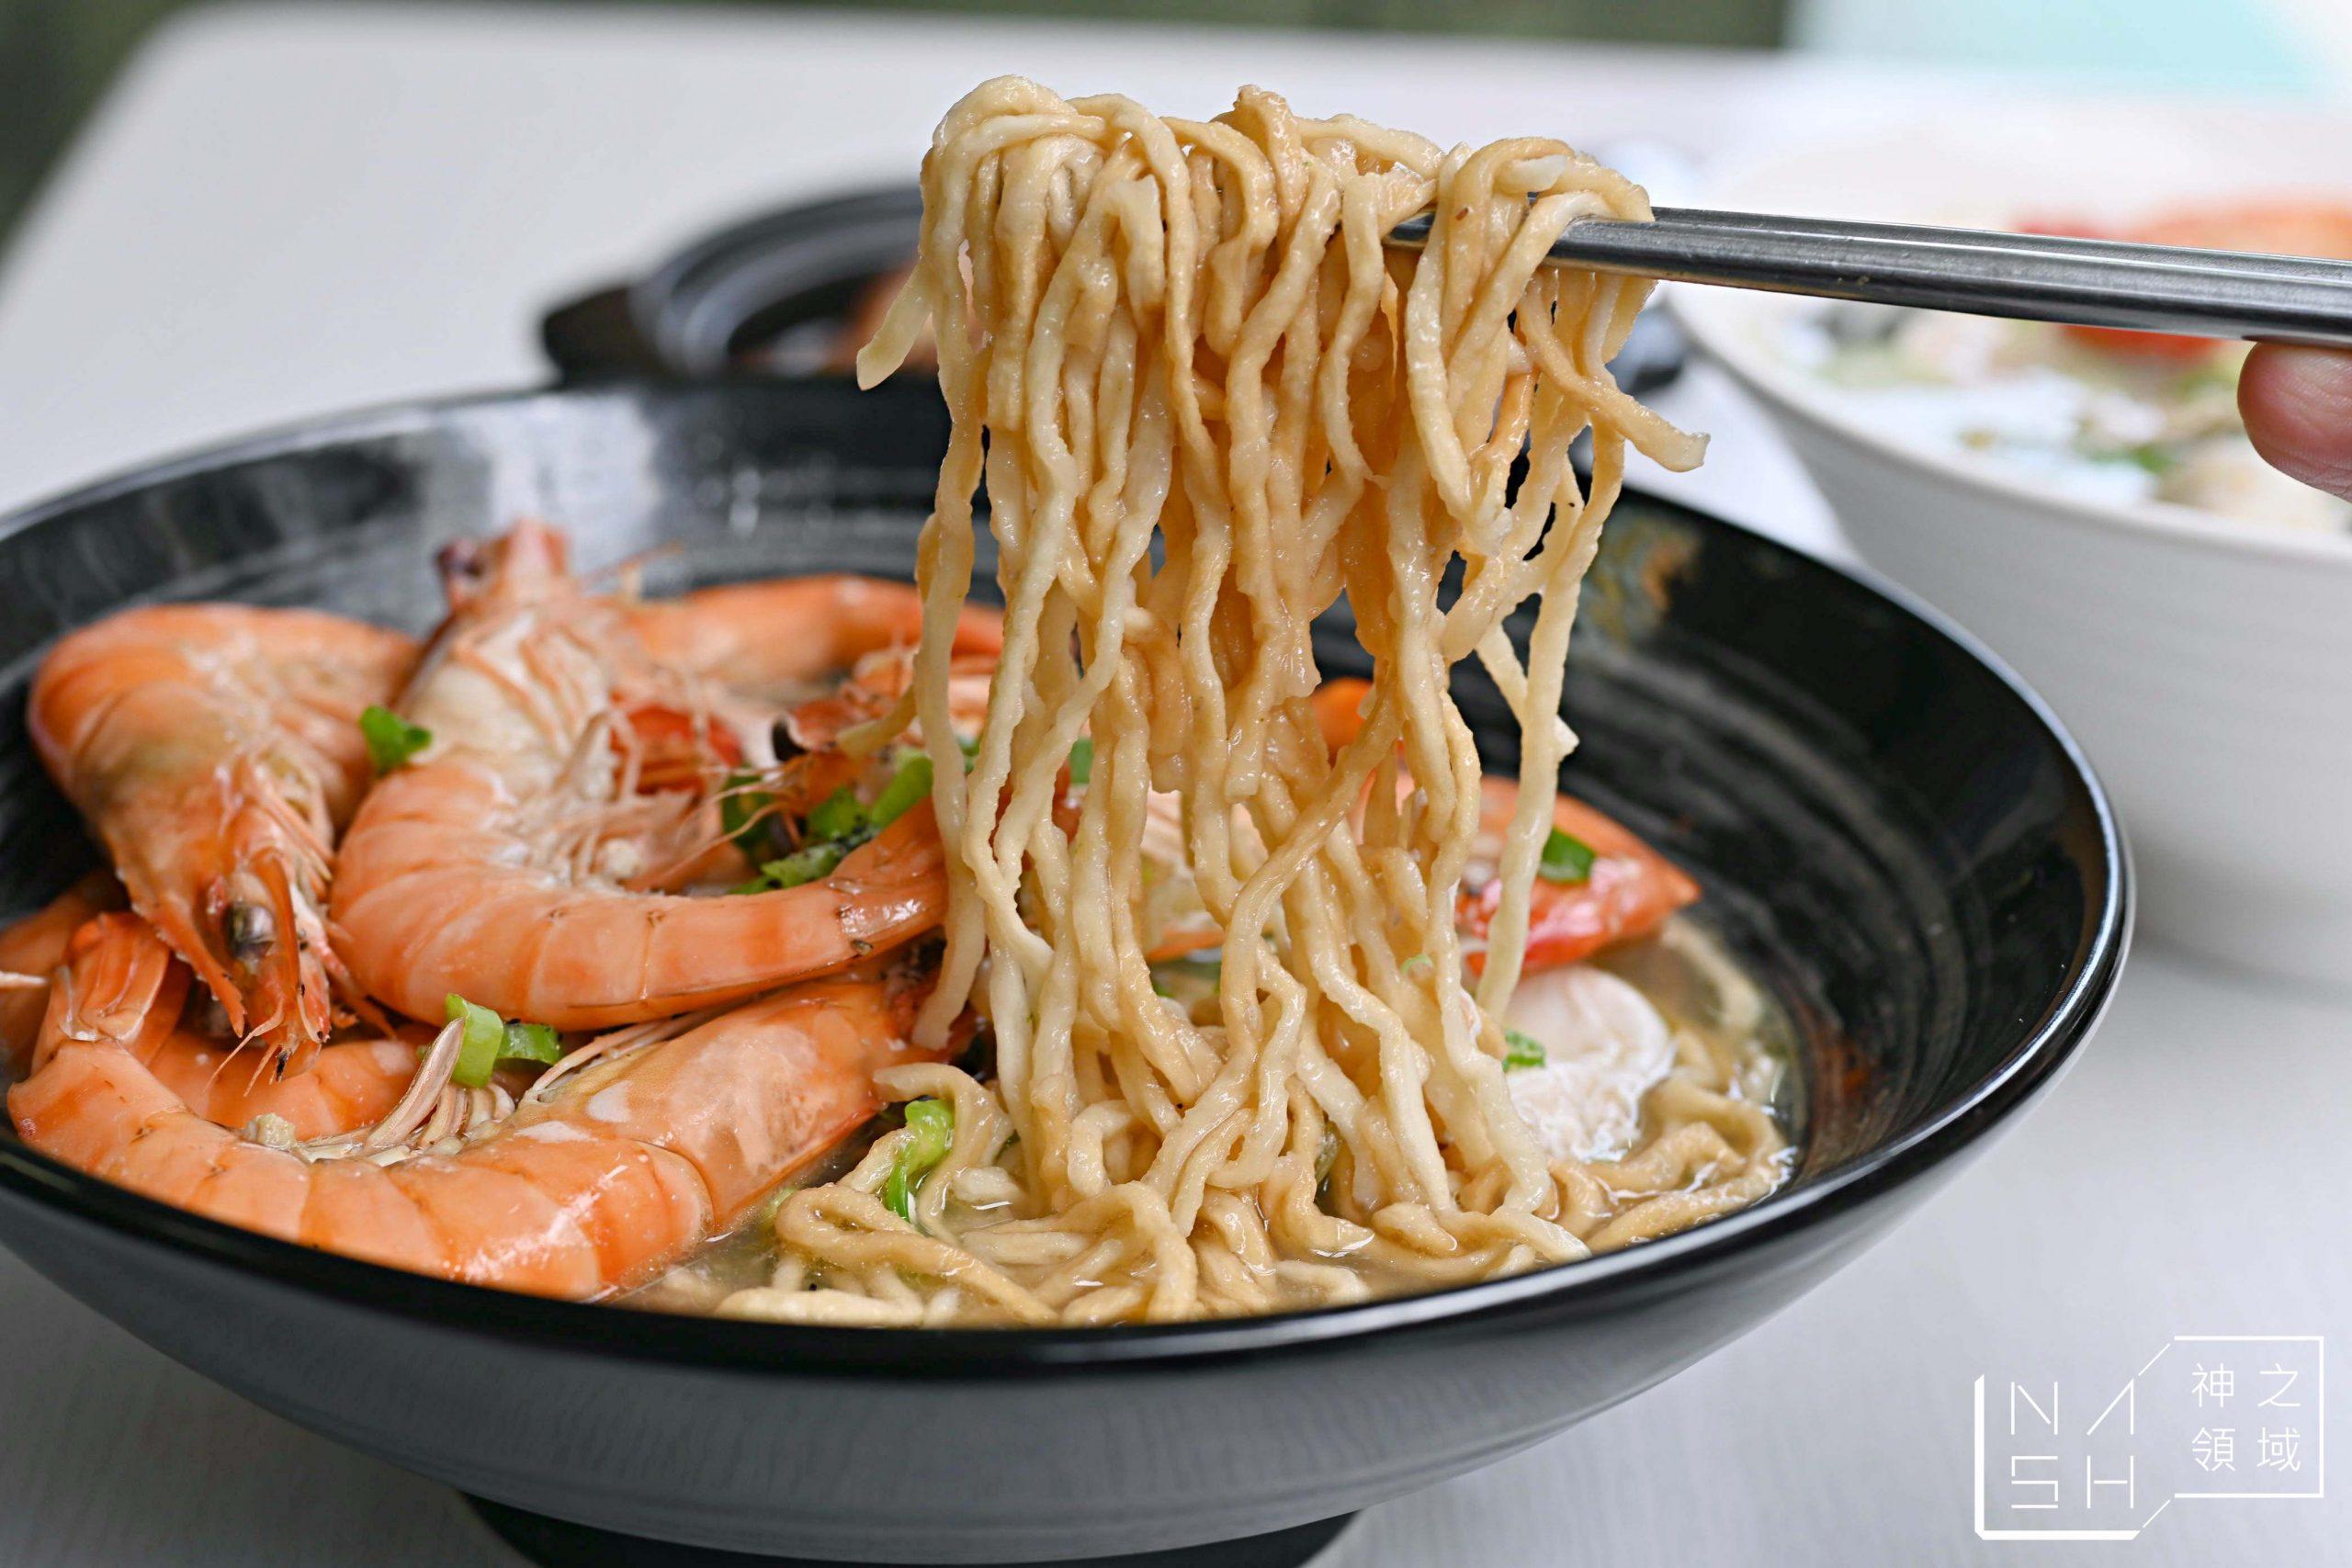 行天宮美食,美天好食光,美天好食光台南家鄉味